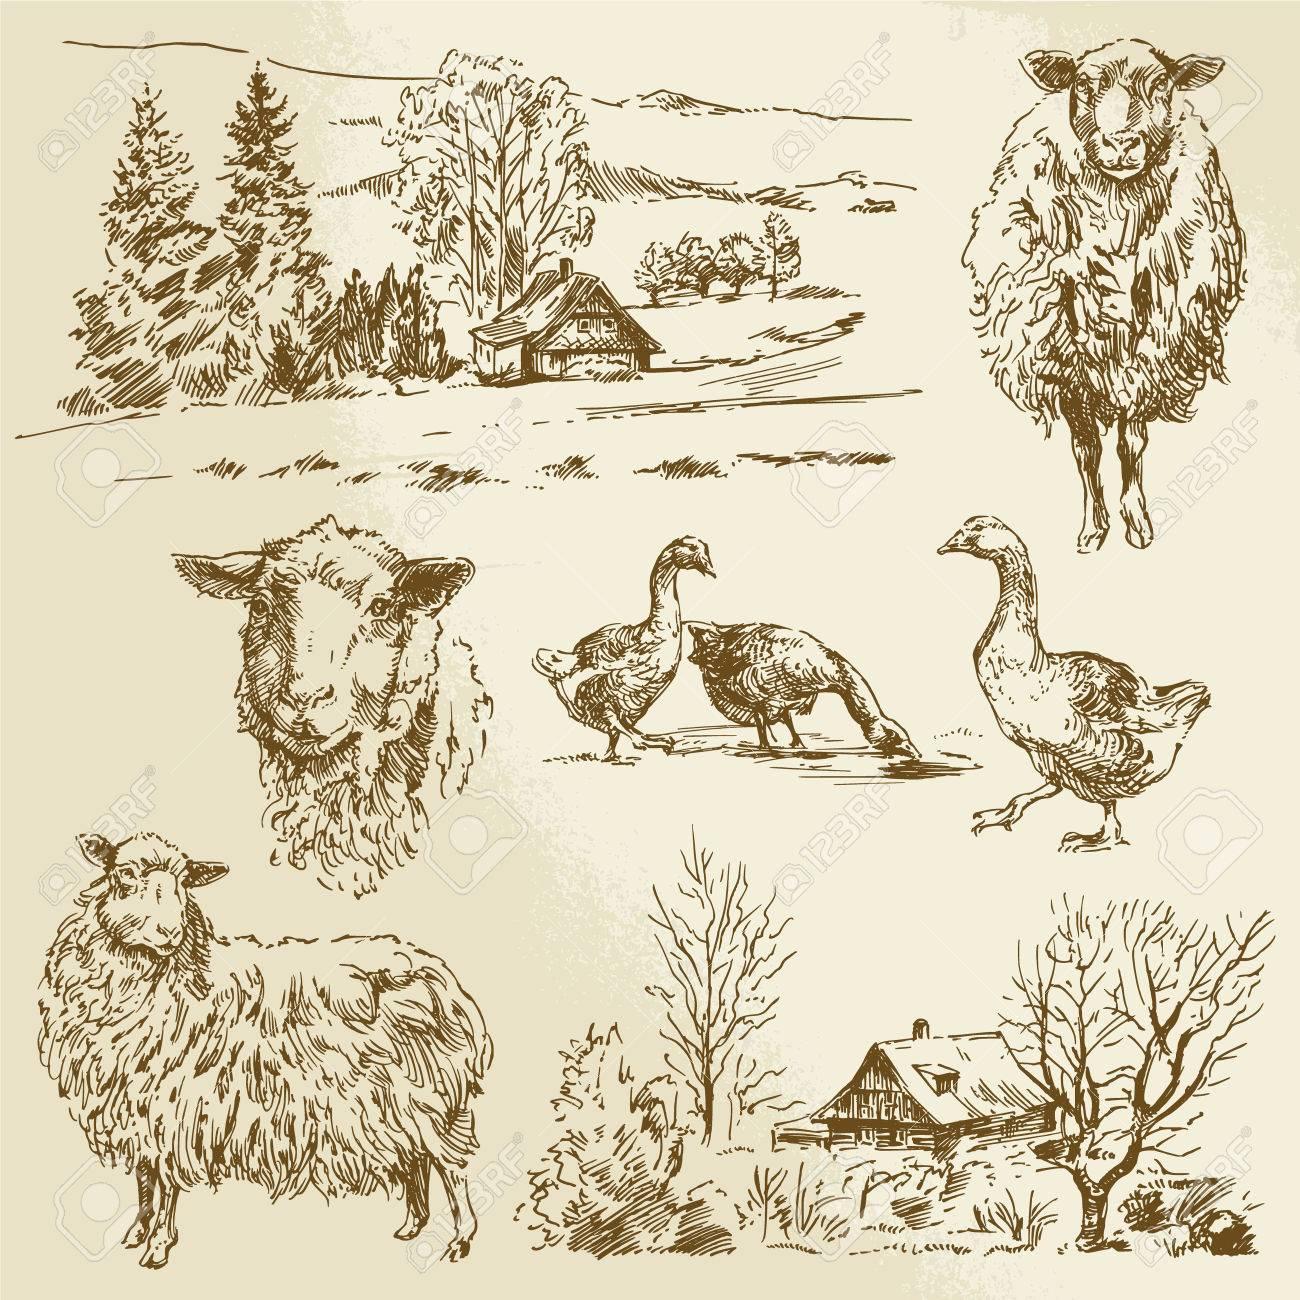 ländliche Landschaft, von Nutztieren - Hand gezeichnete Illustration Standard-Bild - 28072372